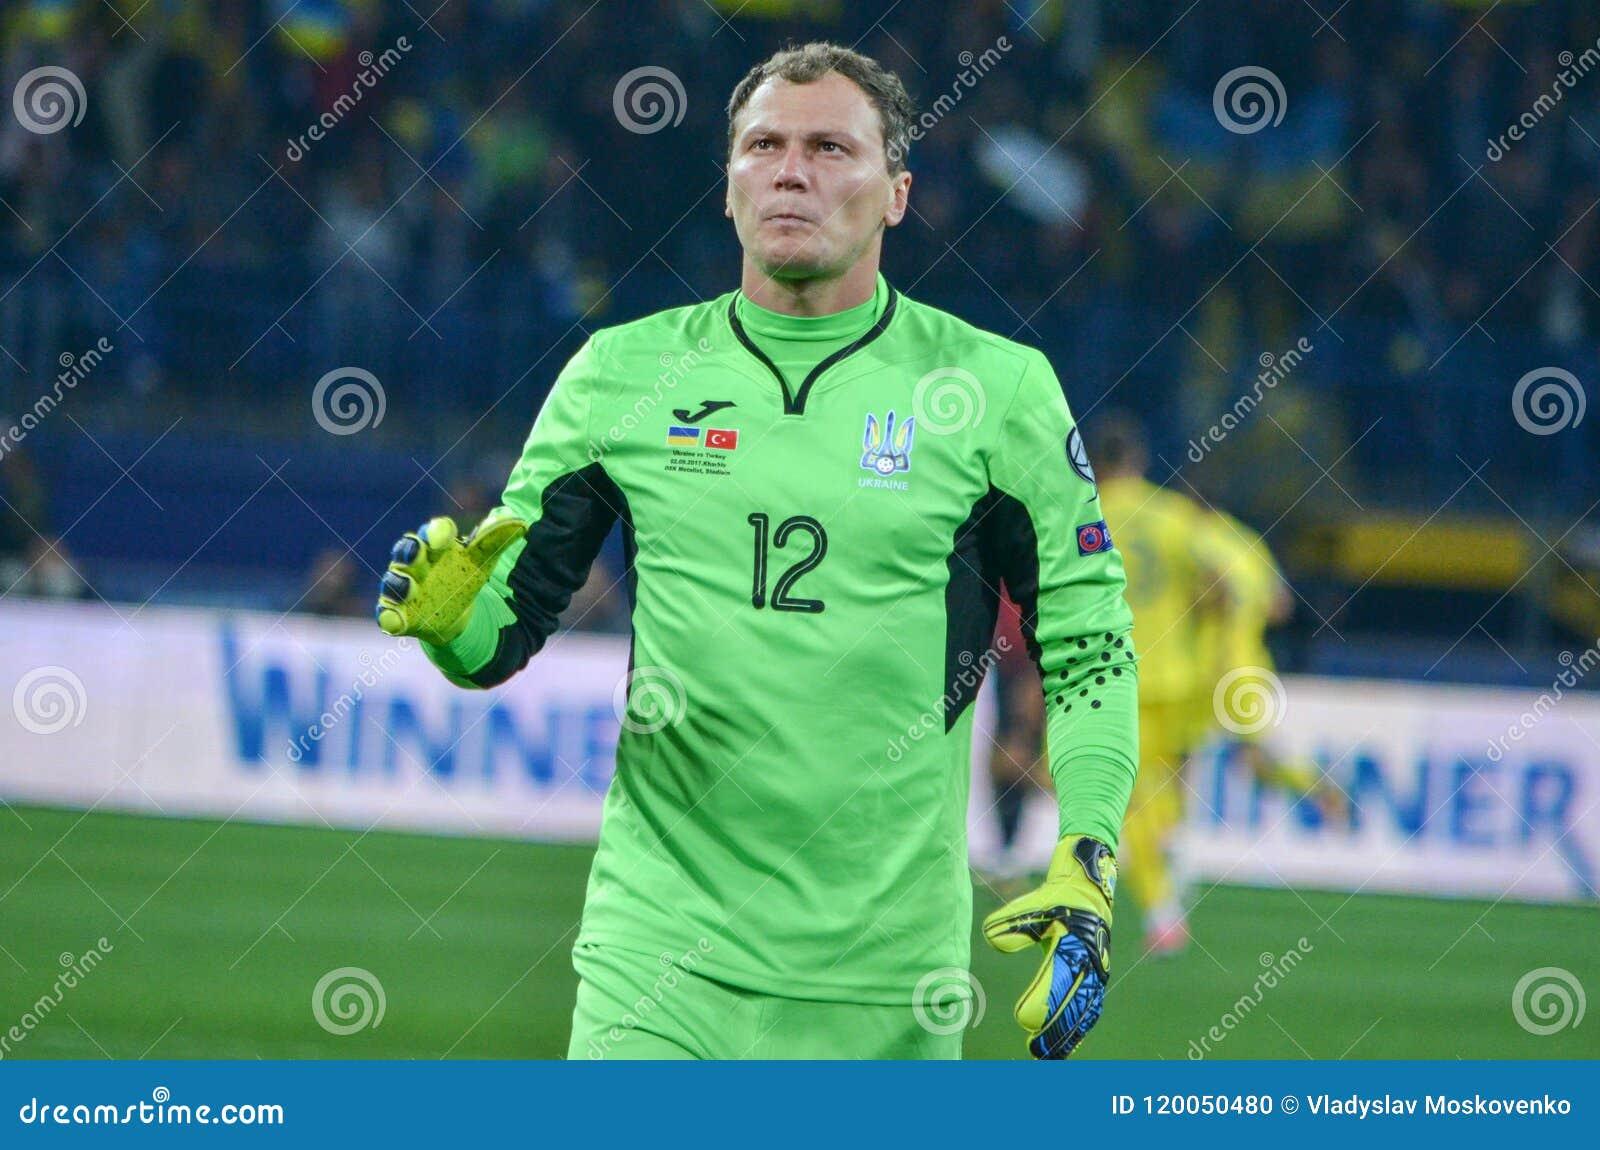 KHARKIV, UKRAINE - September 02, 2017: Andriy Pyatov during the